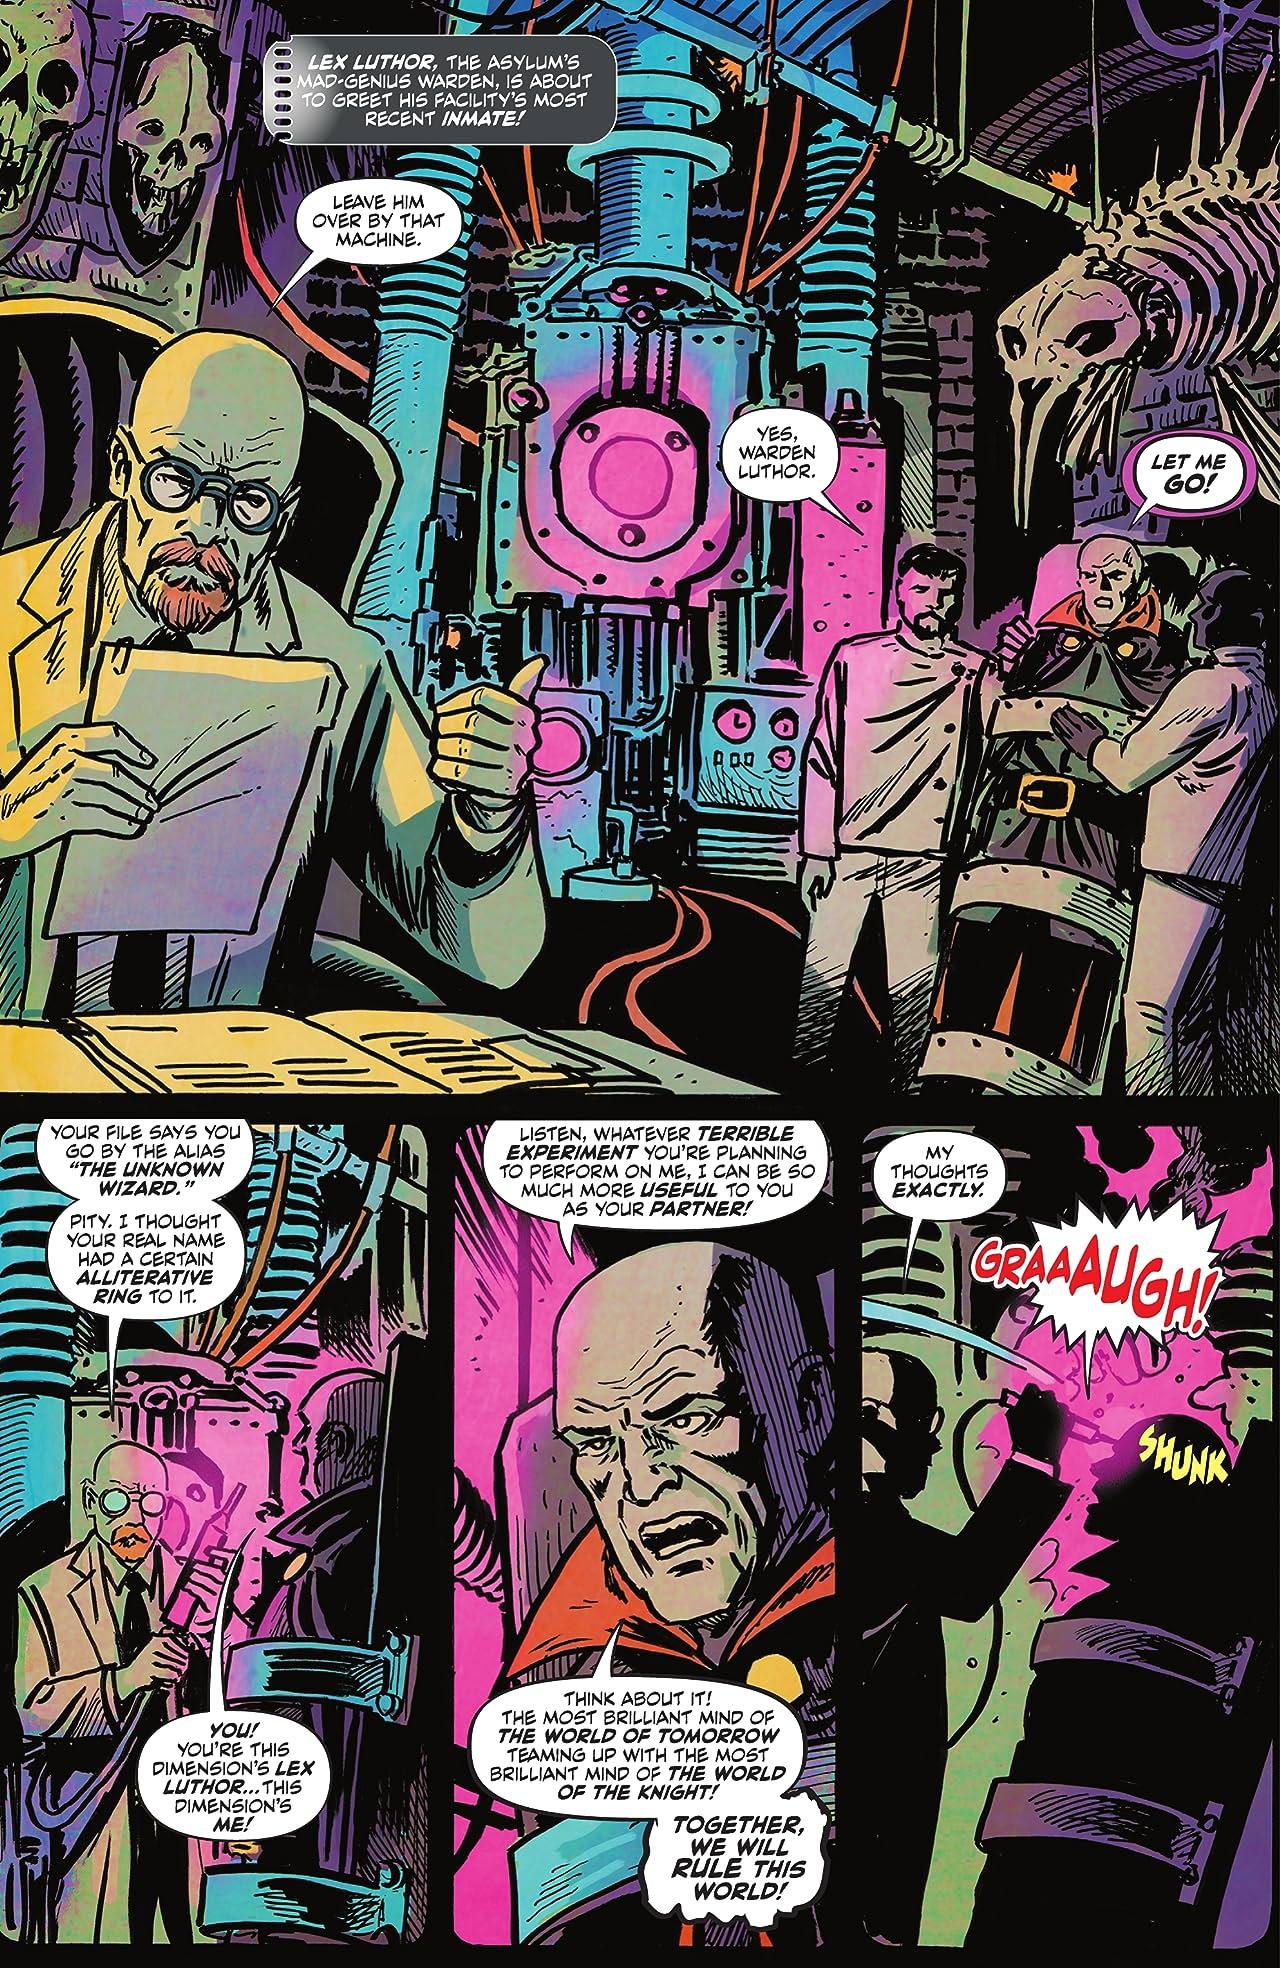 Batman/Superman 2021 Annual (2021) #1